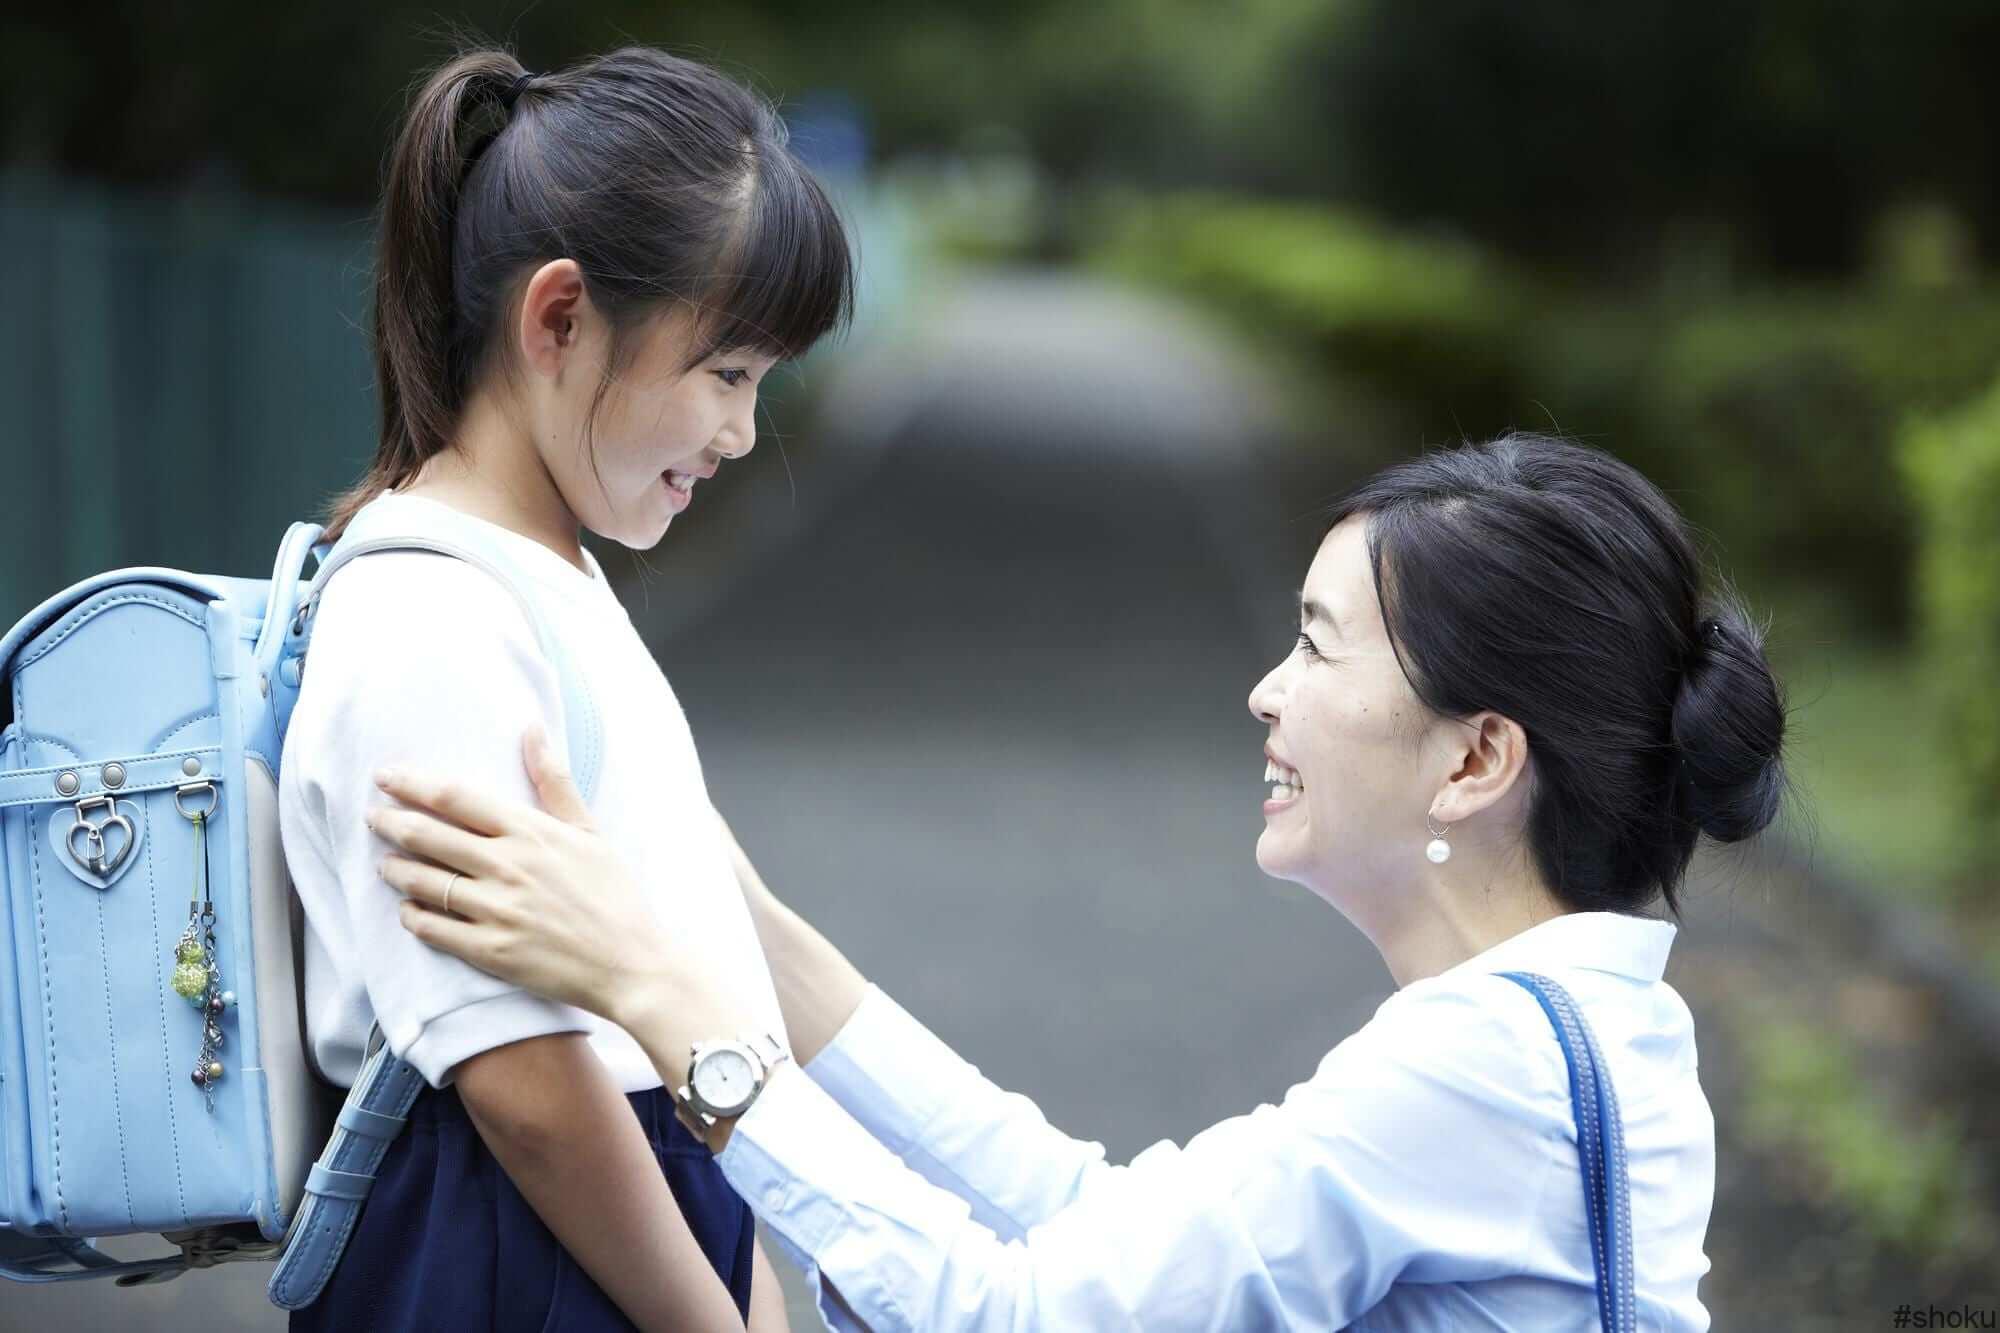 仕事と学校に向かうシングルマザーと子ども